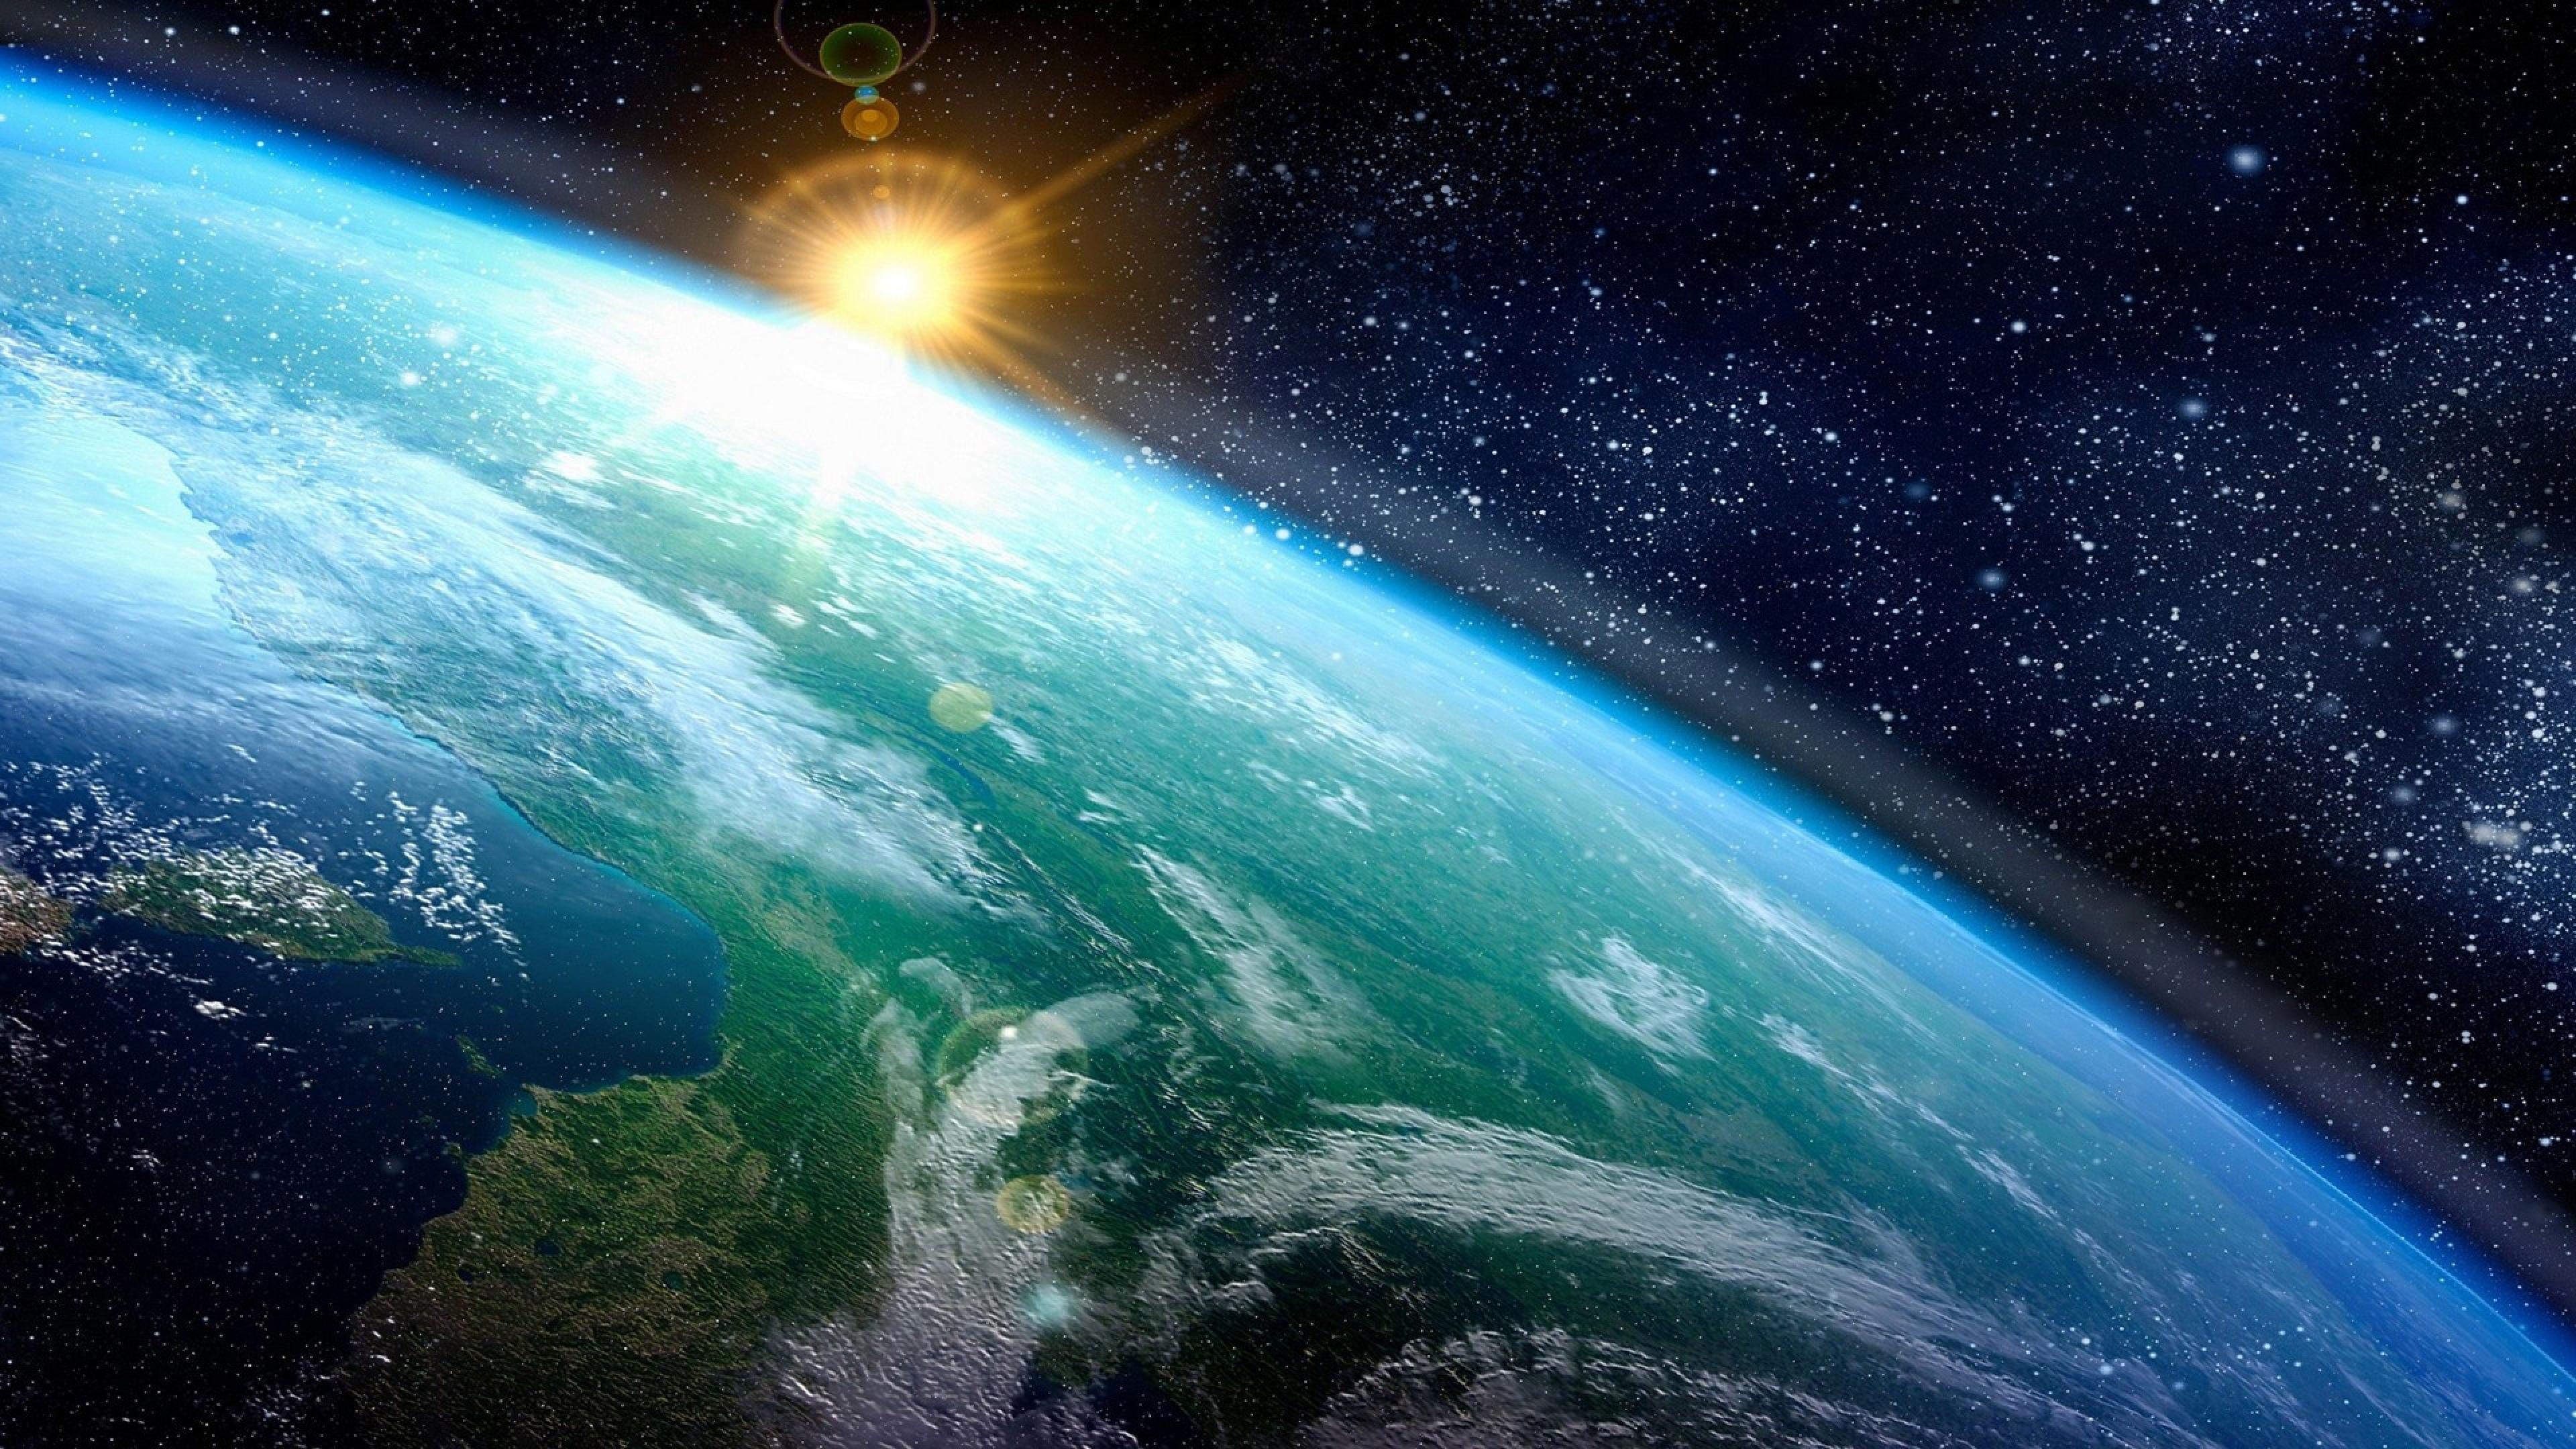 Обои Восход на орбите картинки на рабочий стол на тему Космос - скачать  № 1761447 без смс